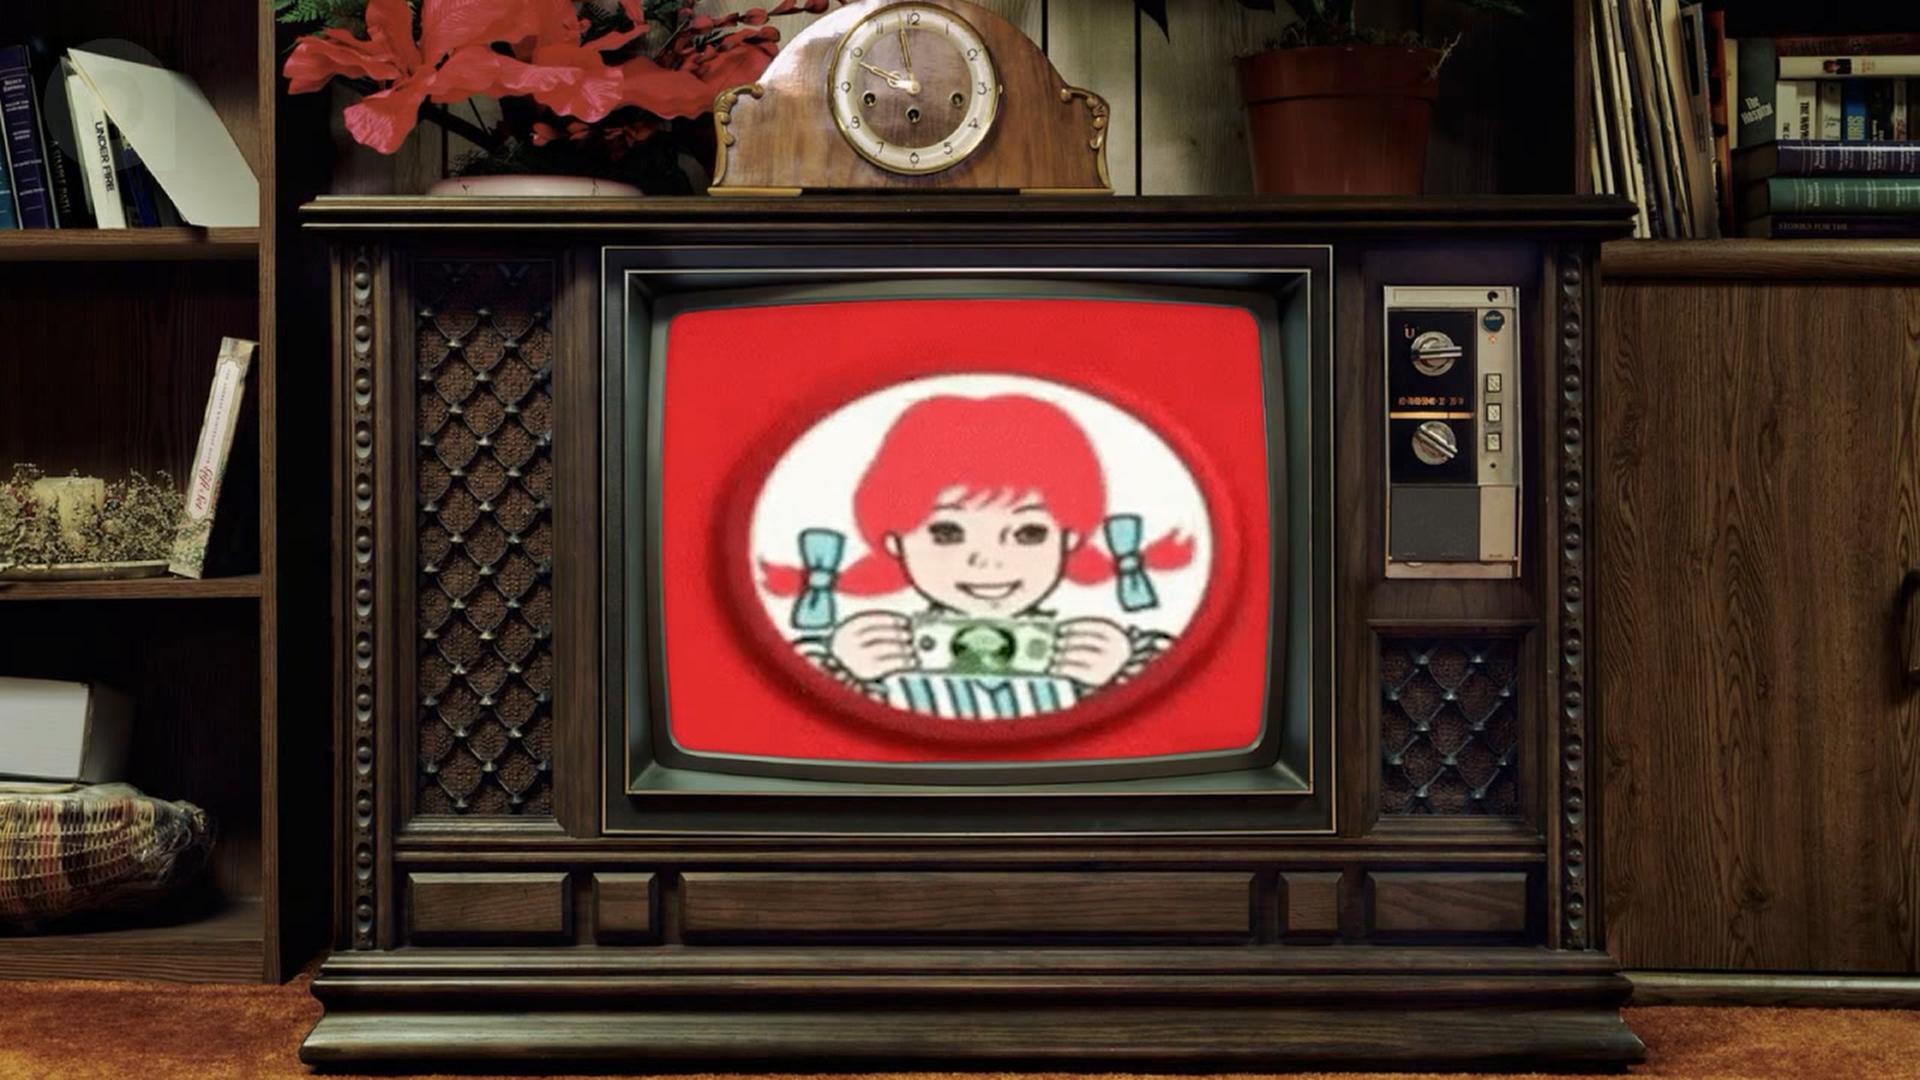 تیزر تبلیغاتی رستوران Wendy's: شبکههای اجتماعی